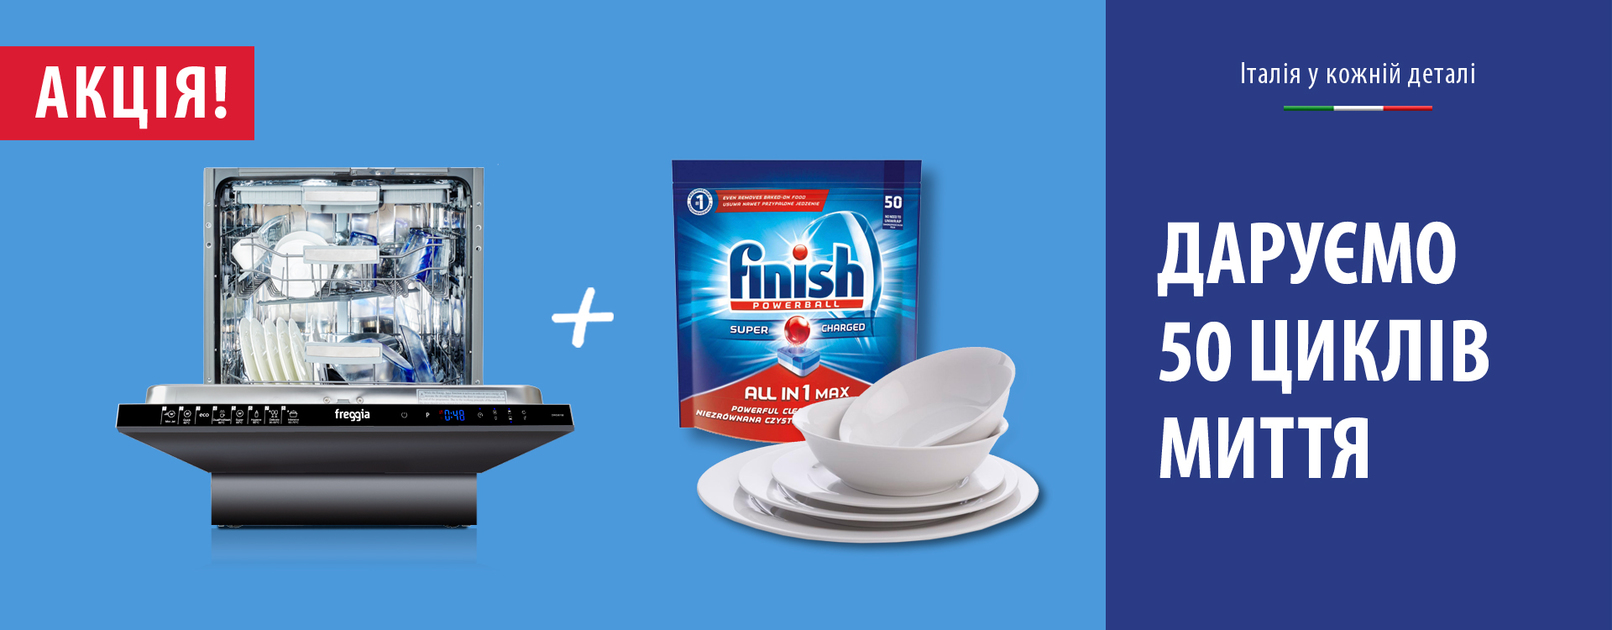 50 циклiв миття посуду в дарунок!